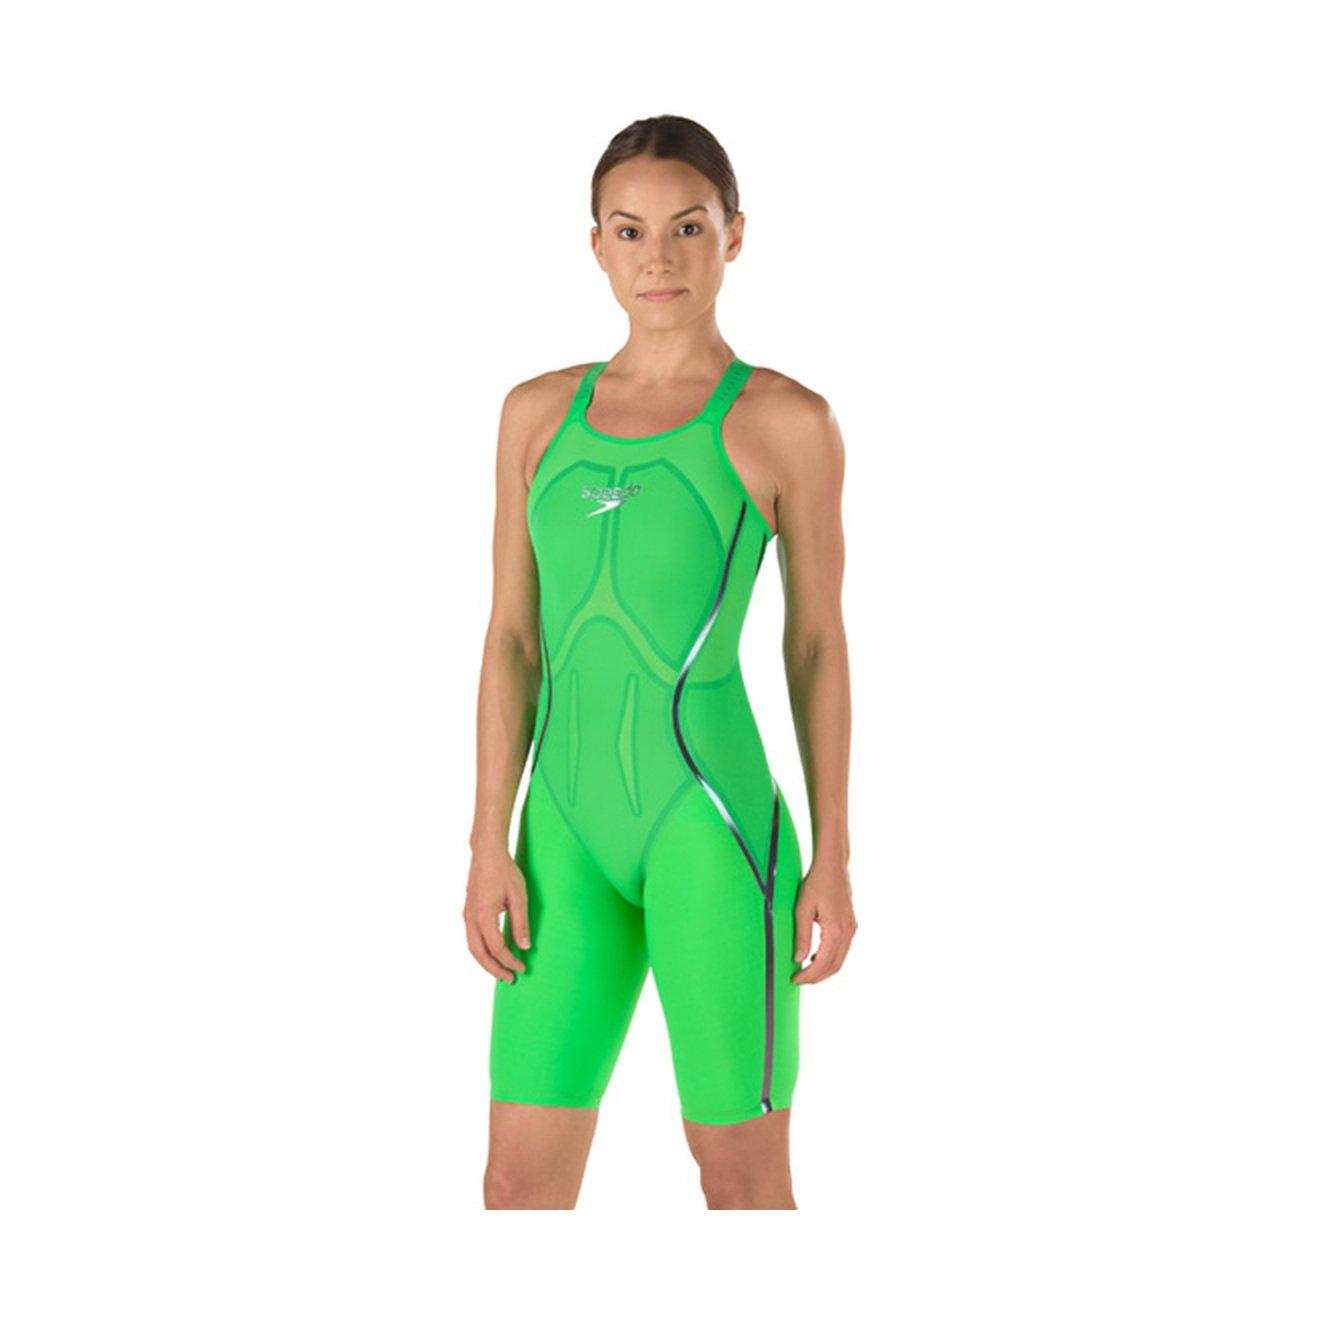 Swmsuit Speedo 7190601 Womens LZR Racr X Clsd BCK Kneeskn 1pc